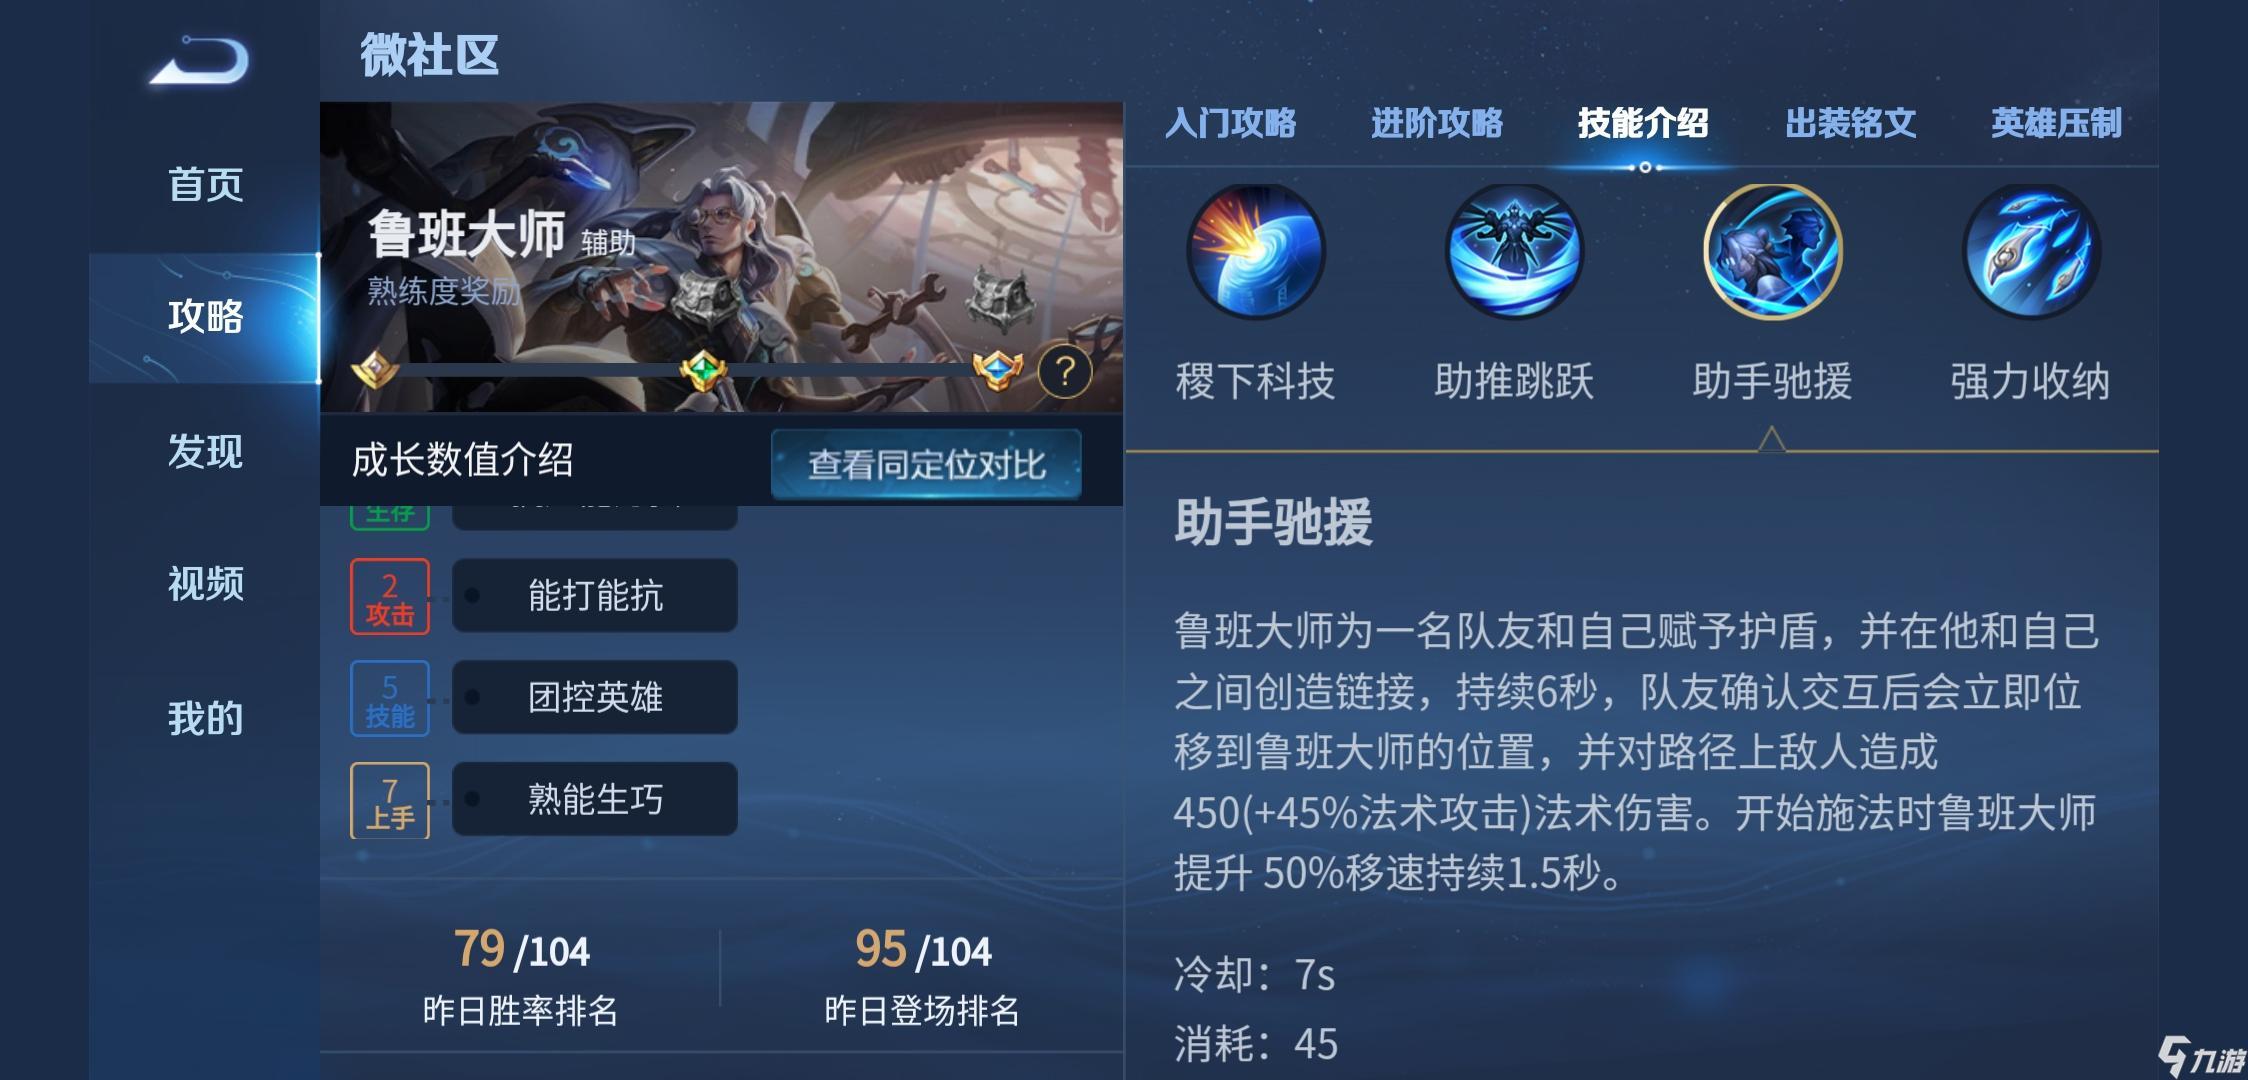 王者荣耀S22鲁班大师怎么玩 鲁班大师玩法介绍